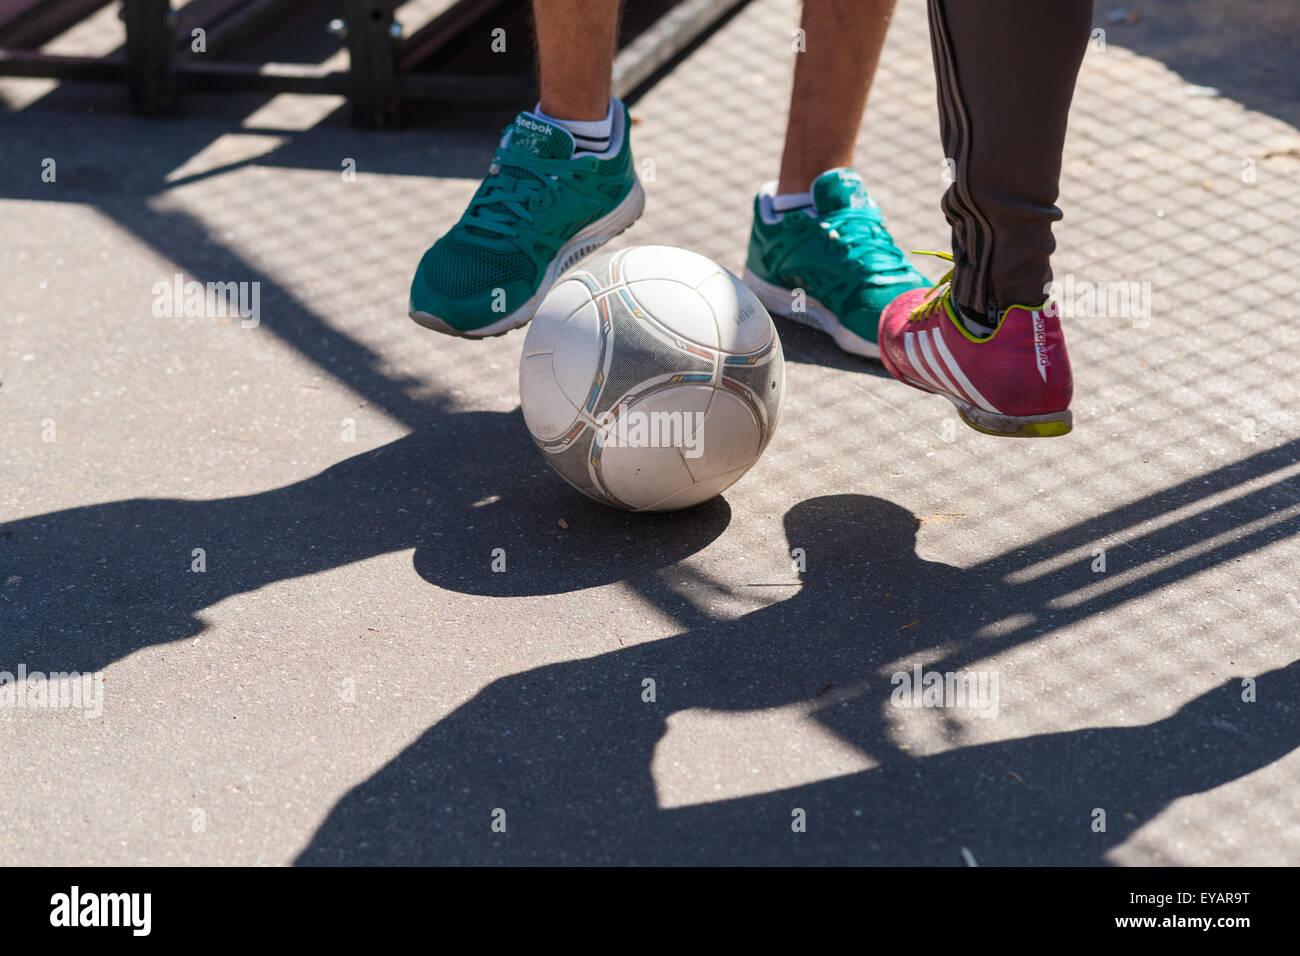 Moskau, Russland. 25. Juli 2015. Moskau City Games 2015 Sportfest fand im olympischen Sport komplexe Luzhniky von Stockbild